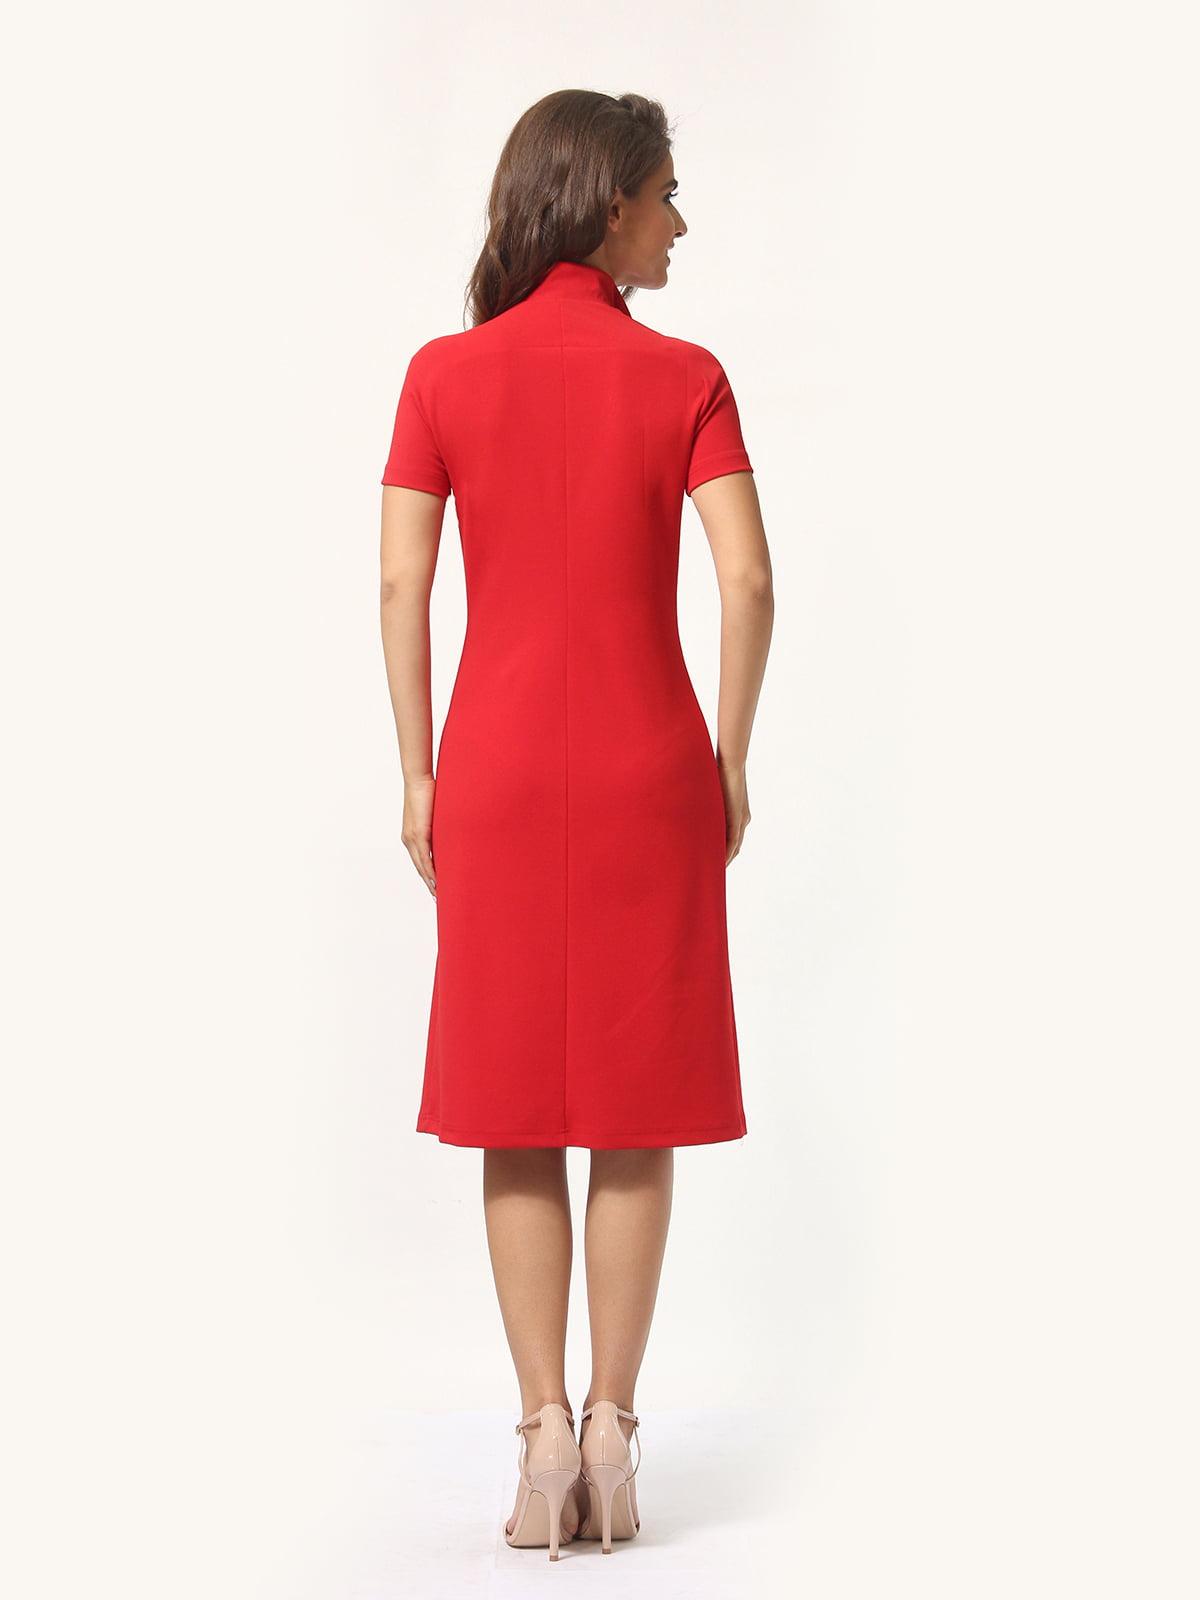 Платье красно-белое | 4301927 | фото 6